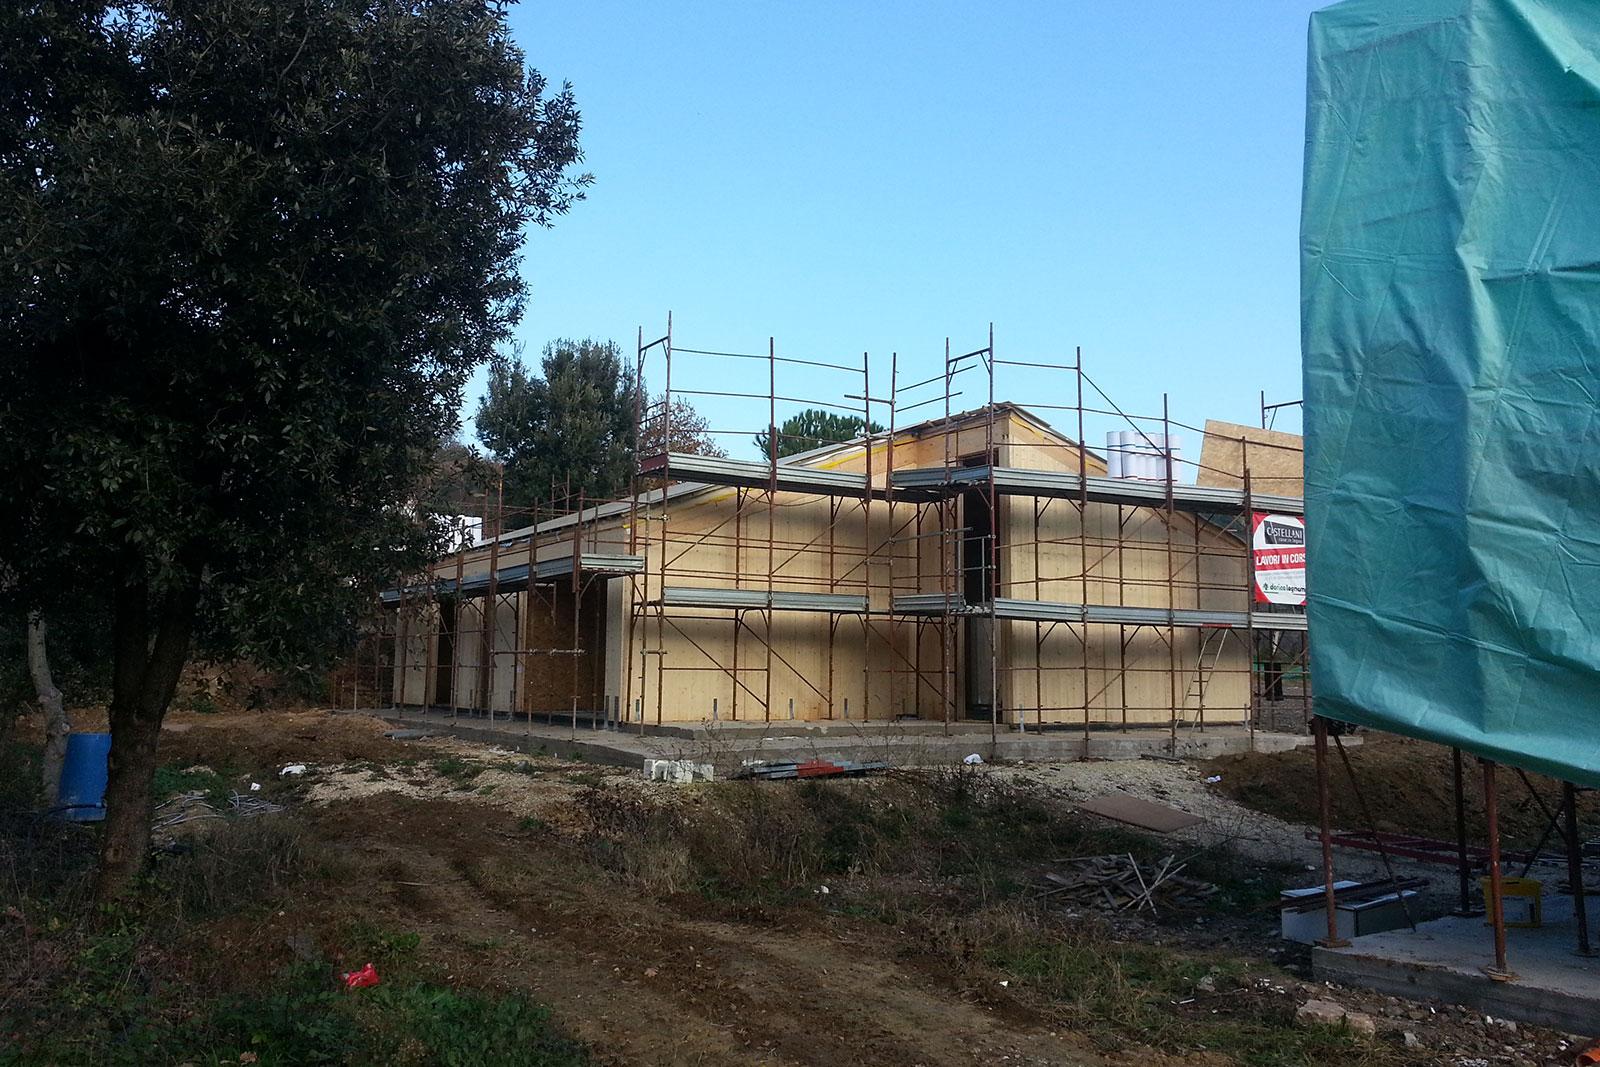 Casa-in-legno-Ancona-Fast-Energy